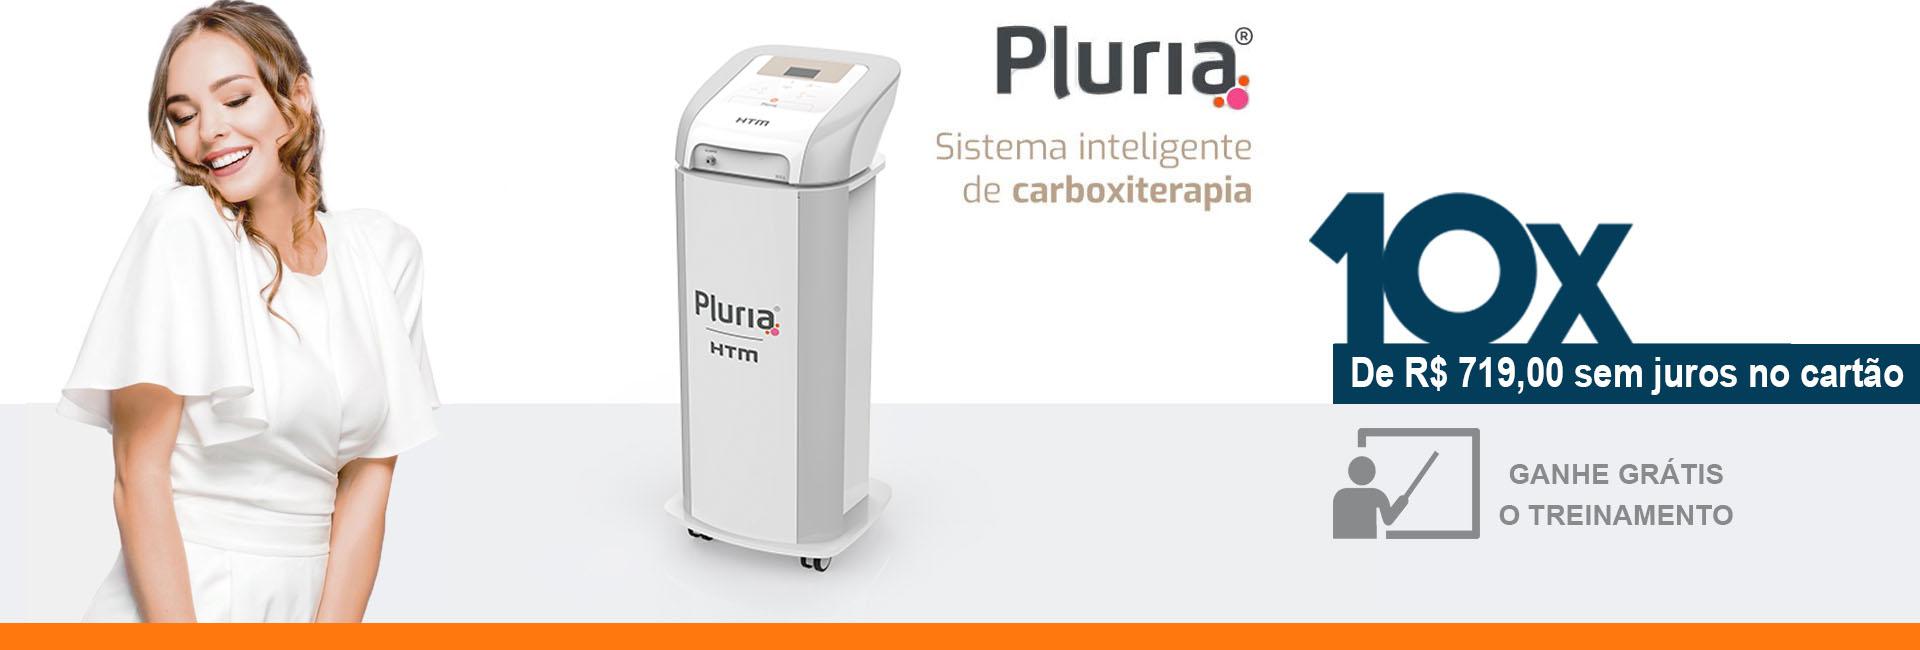 Pluria-aparelho-de-Carboxiterapia-HTM